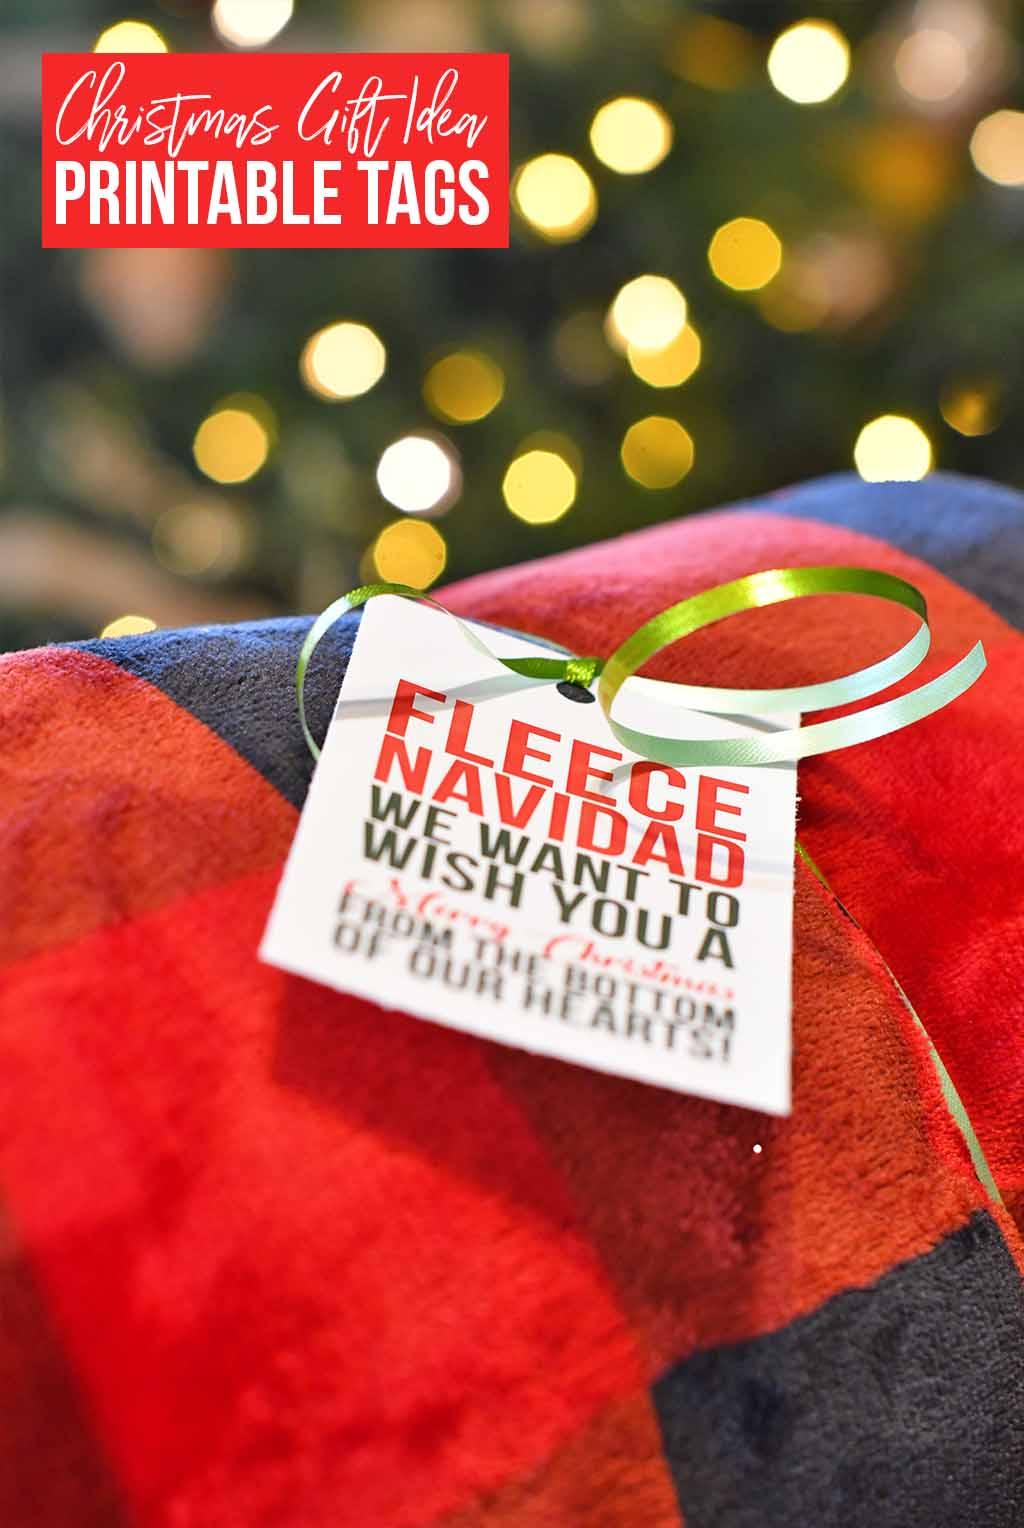 Christmas gift idea printable tags